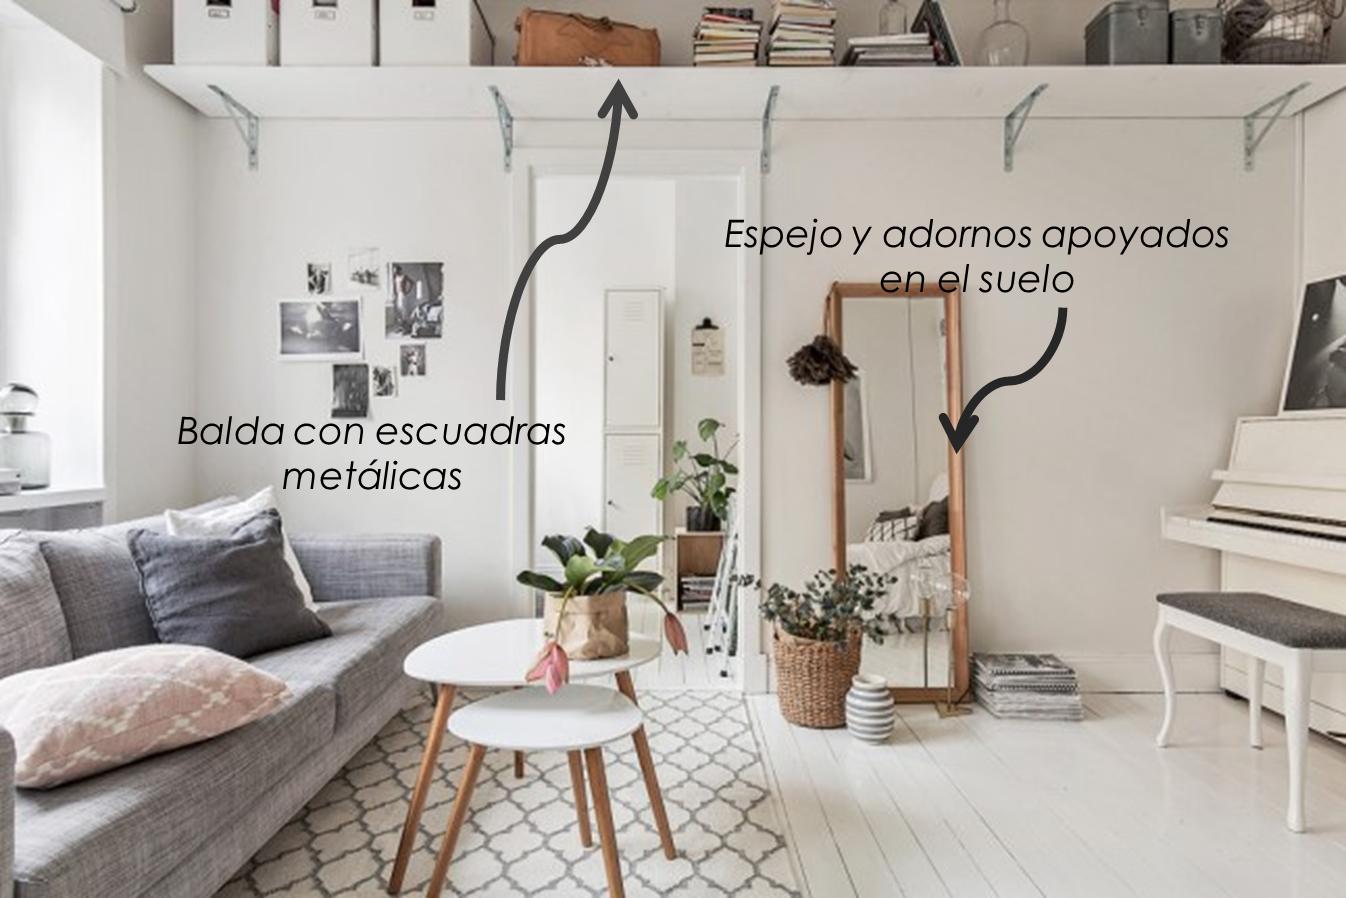 Decoraci n f cil como decorar un mini apartamento con for Decoracion de apartamentos sencillos